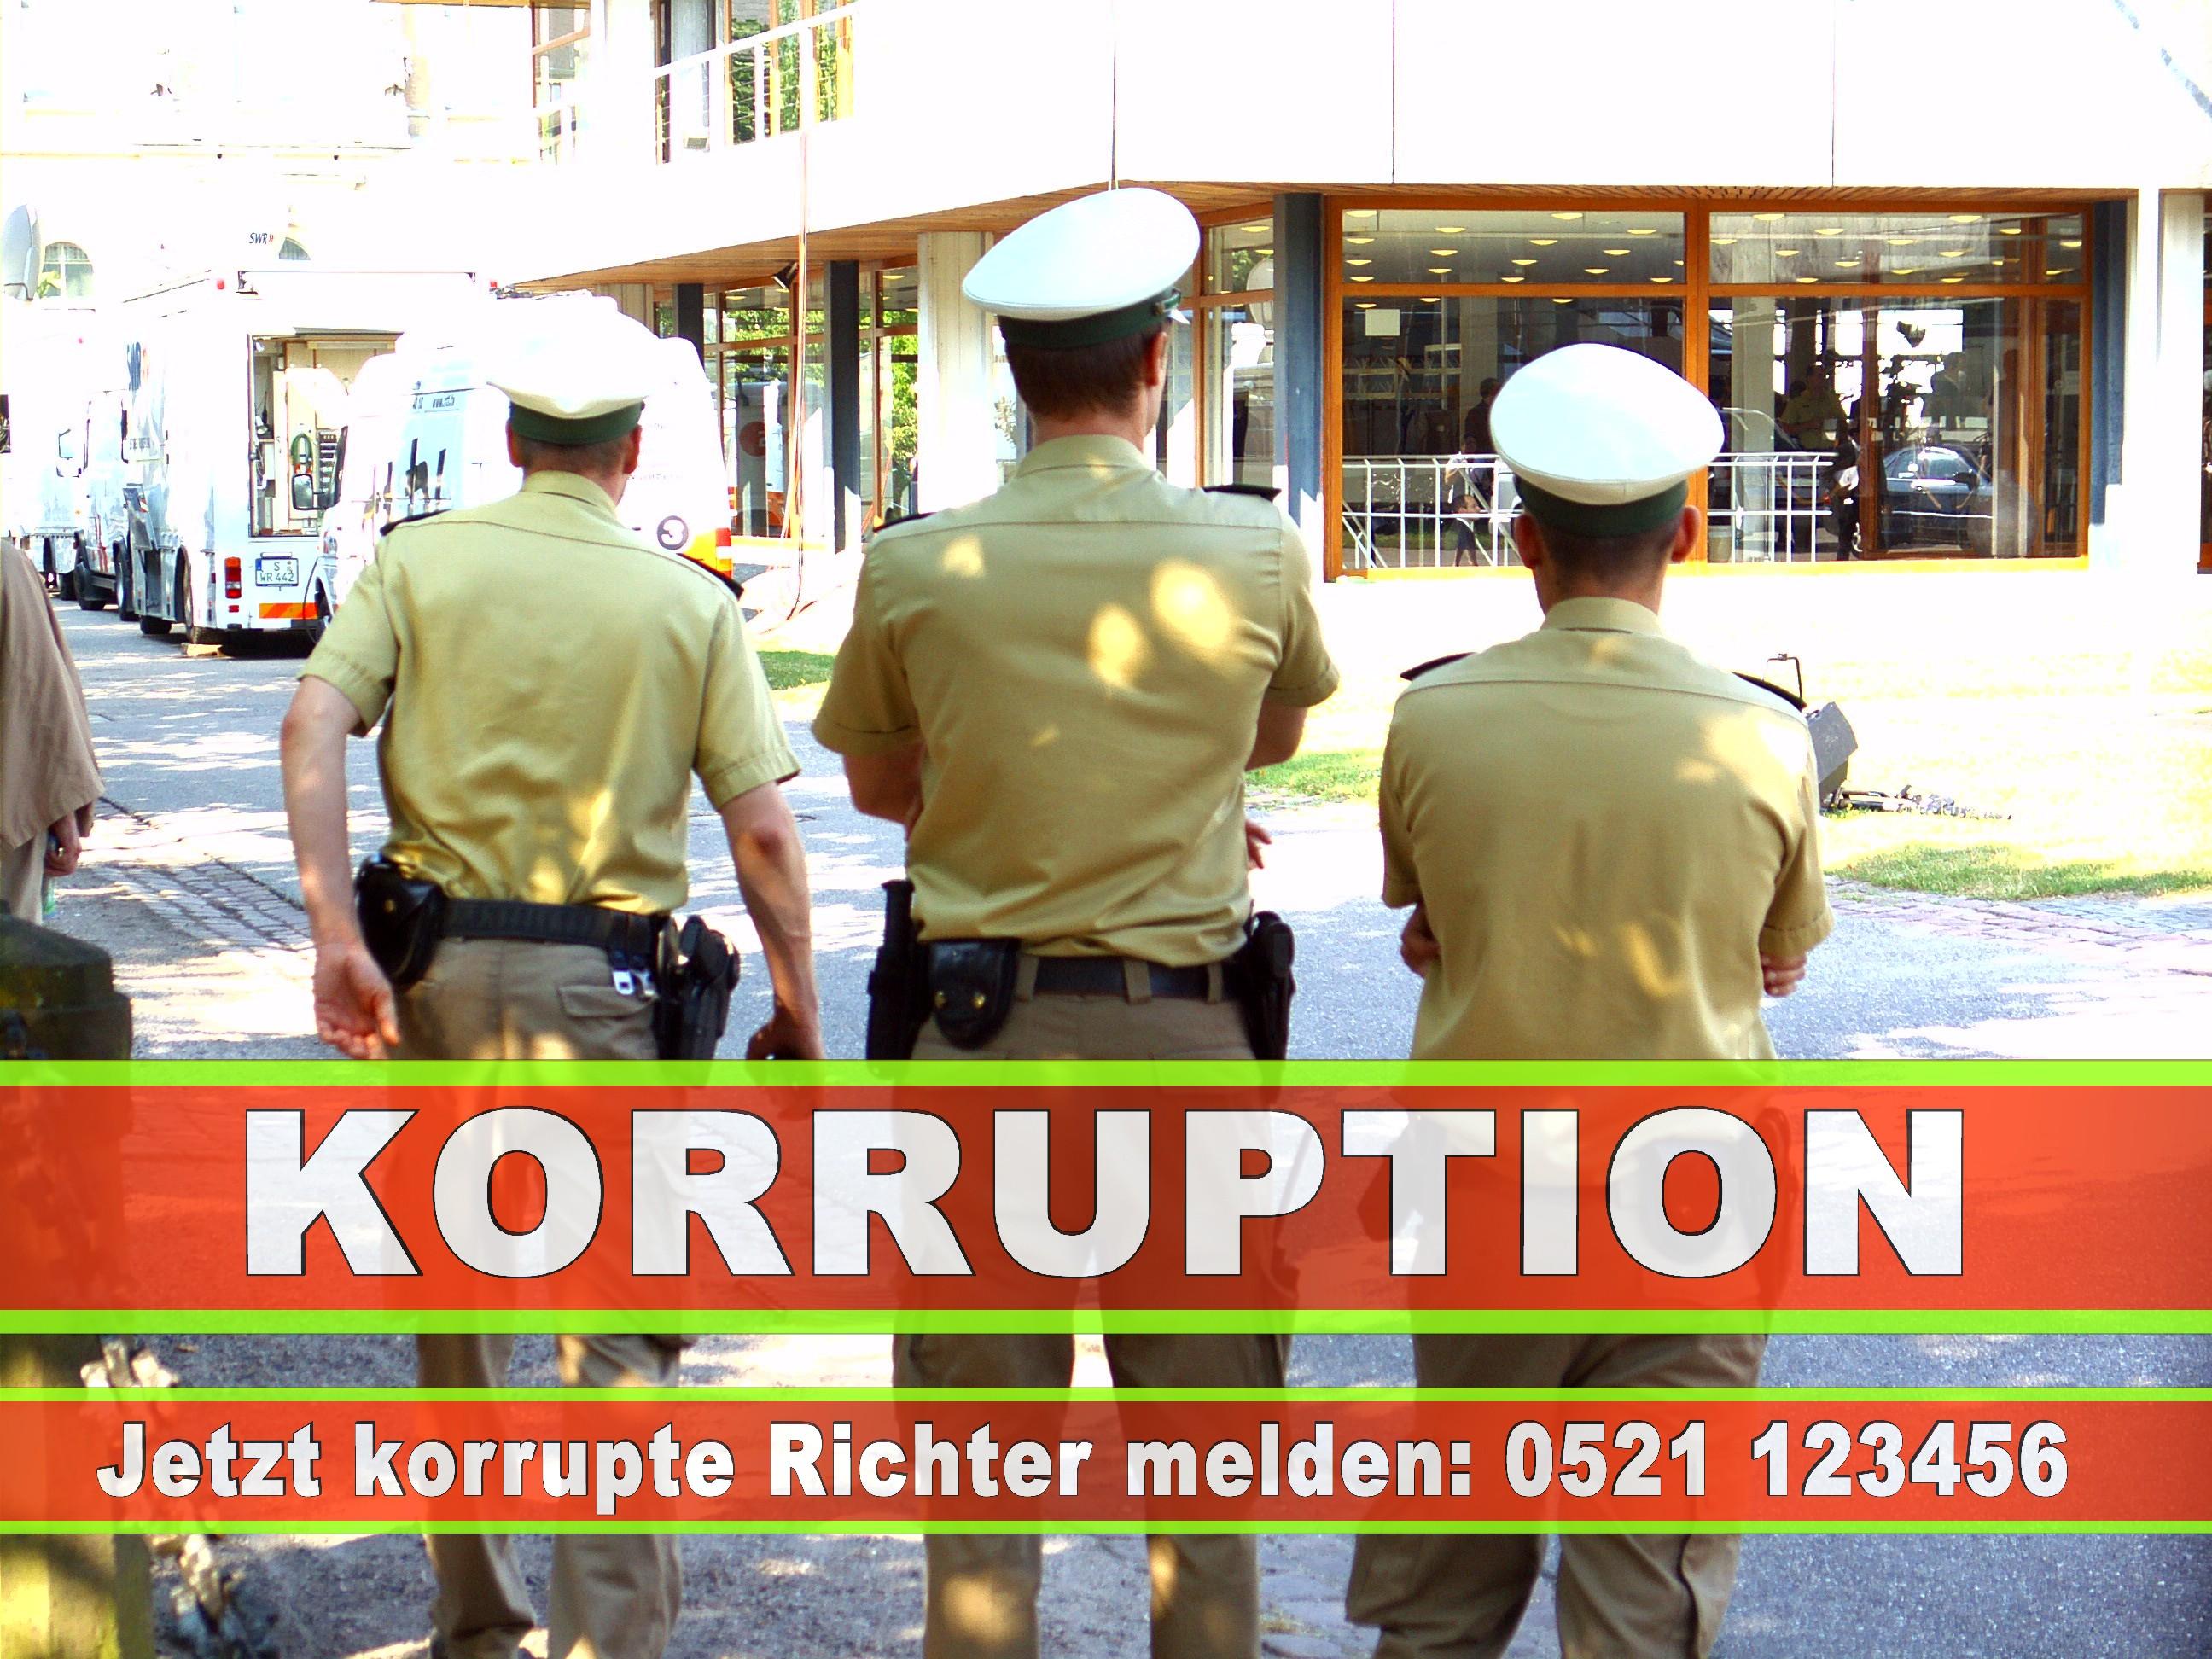 Bundesverfassungsgericht Karlsruhe Richter Korruption Aufgaben Urteile Termine Anfahrt Bilder Fotos Adresse Telefon (5)